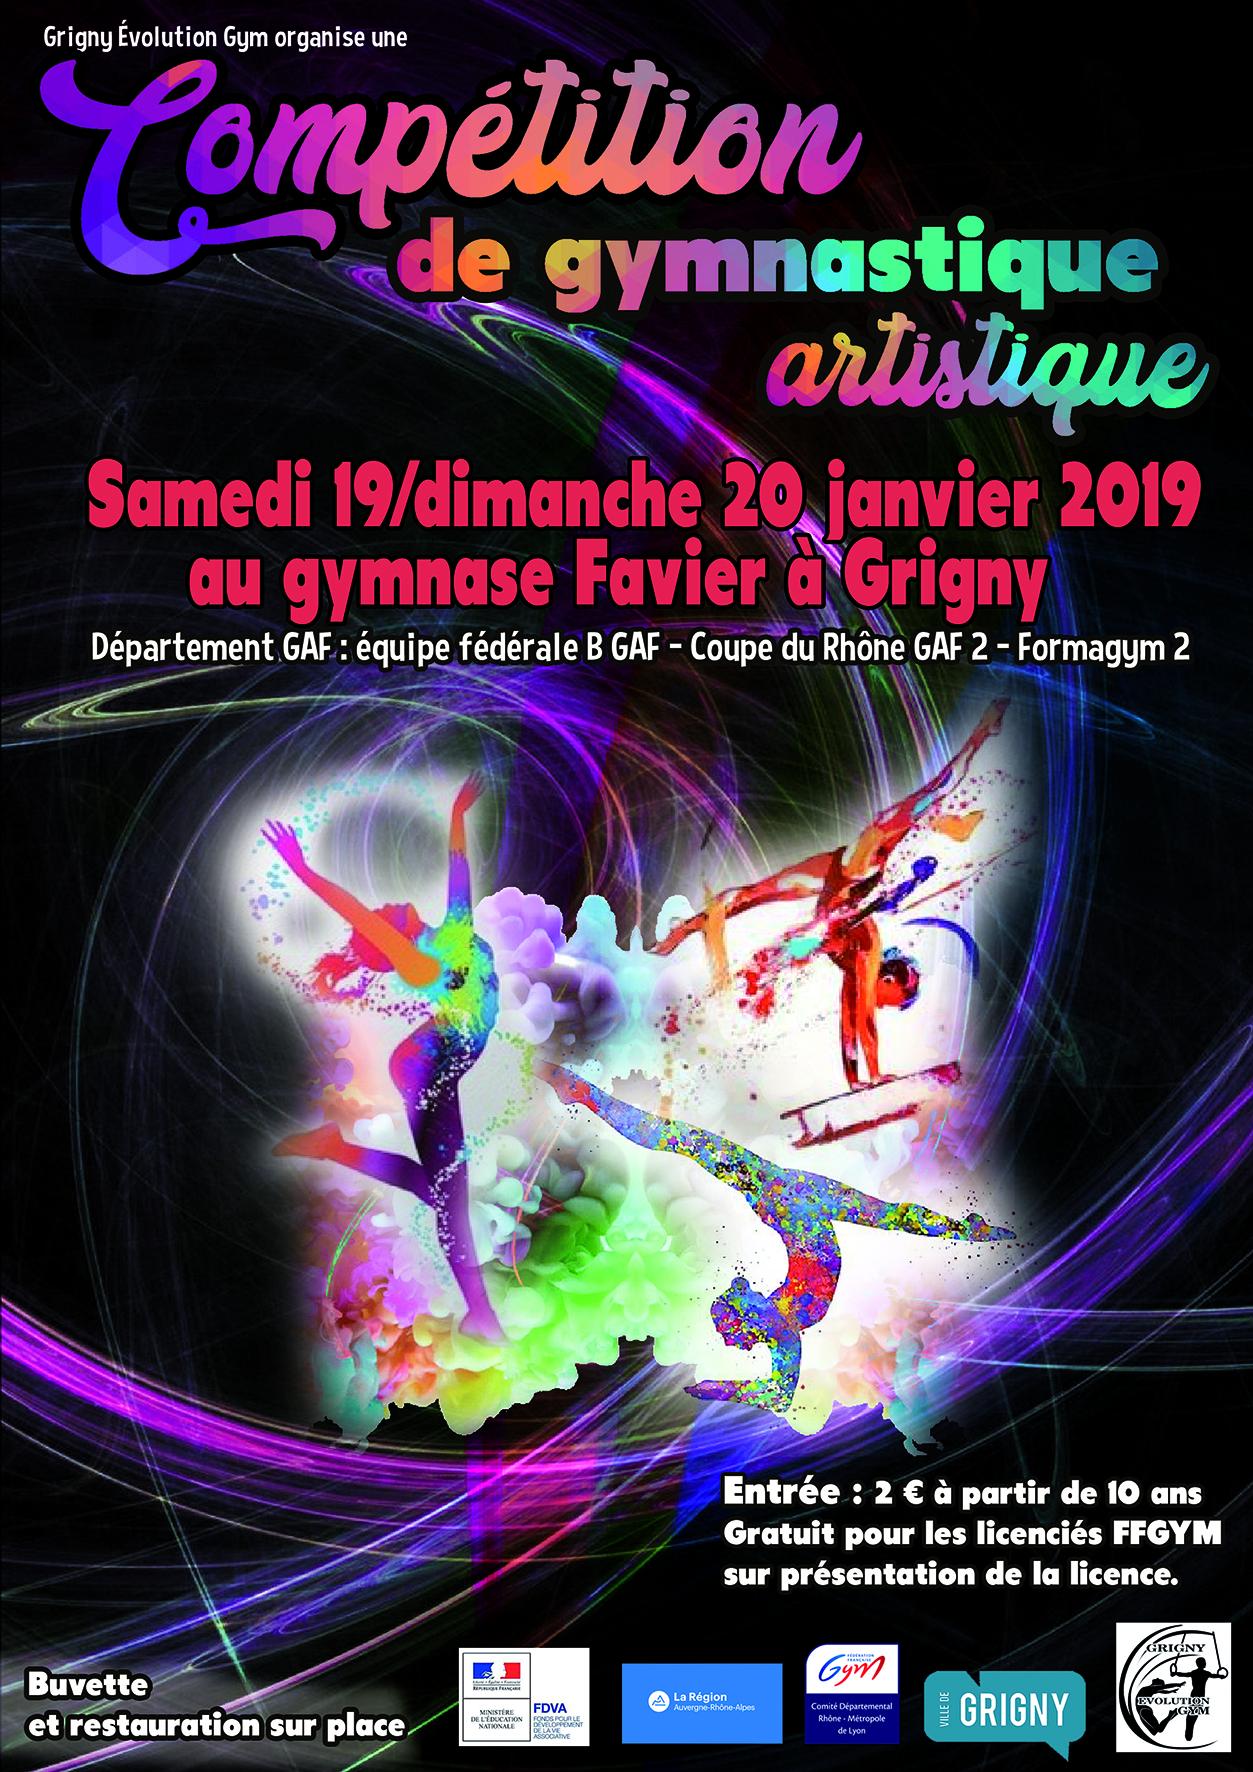 Compétition de gym à Grigny les samedi 19 et dimanche 20 janvier 2019